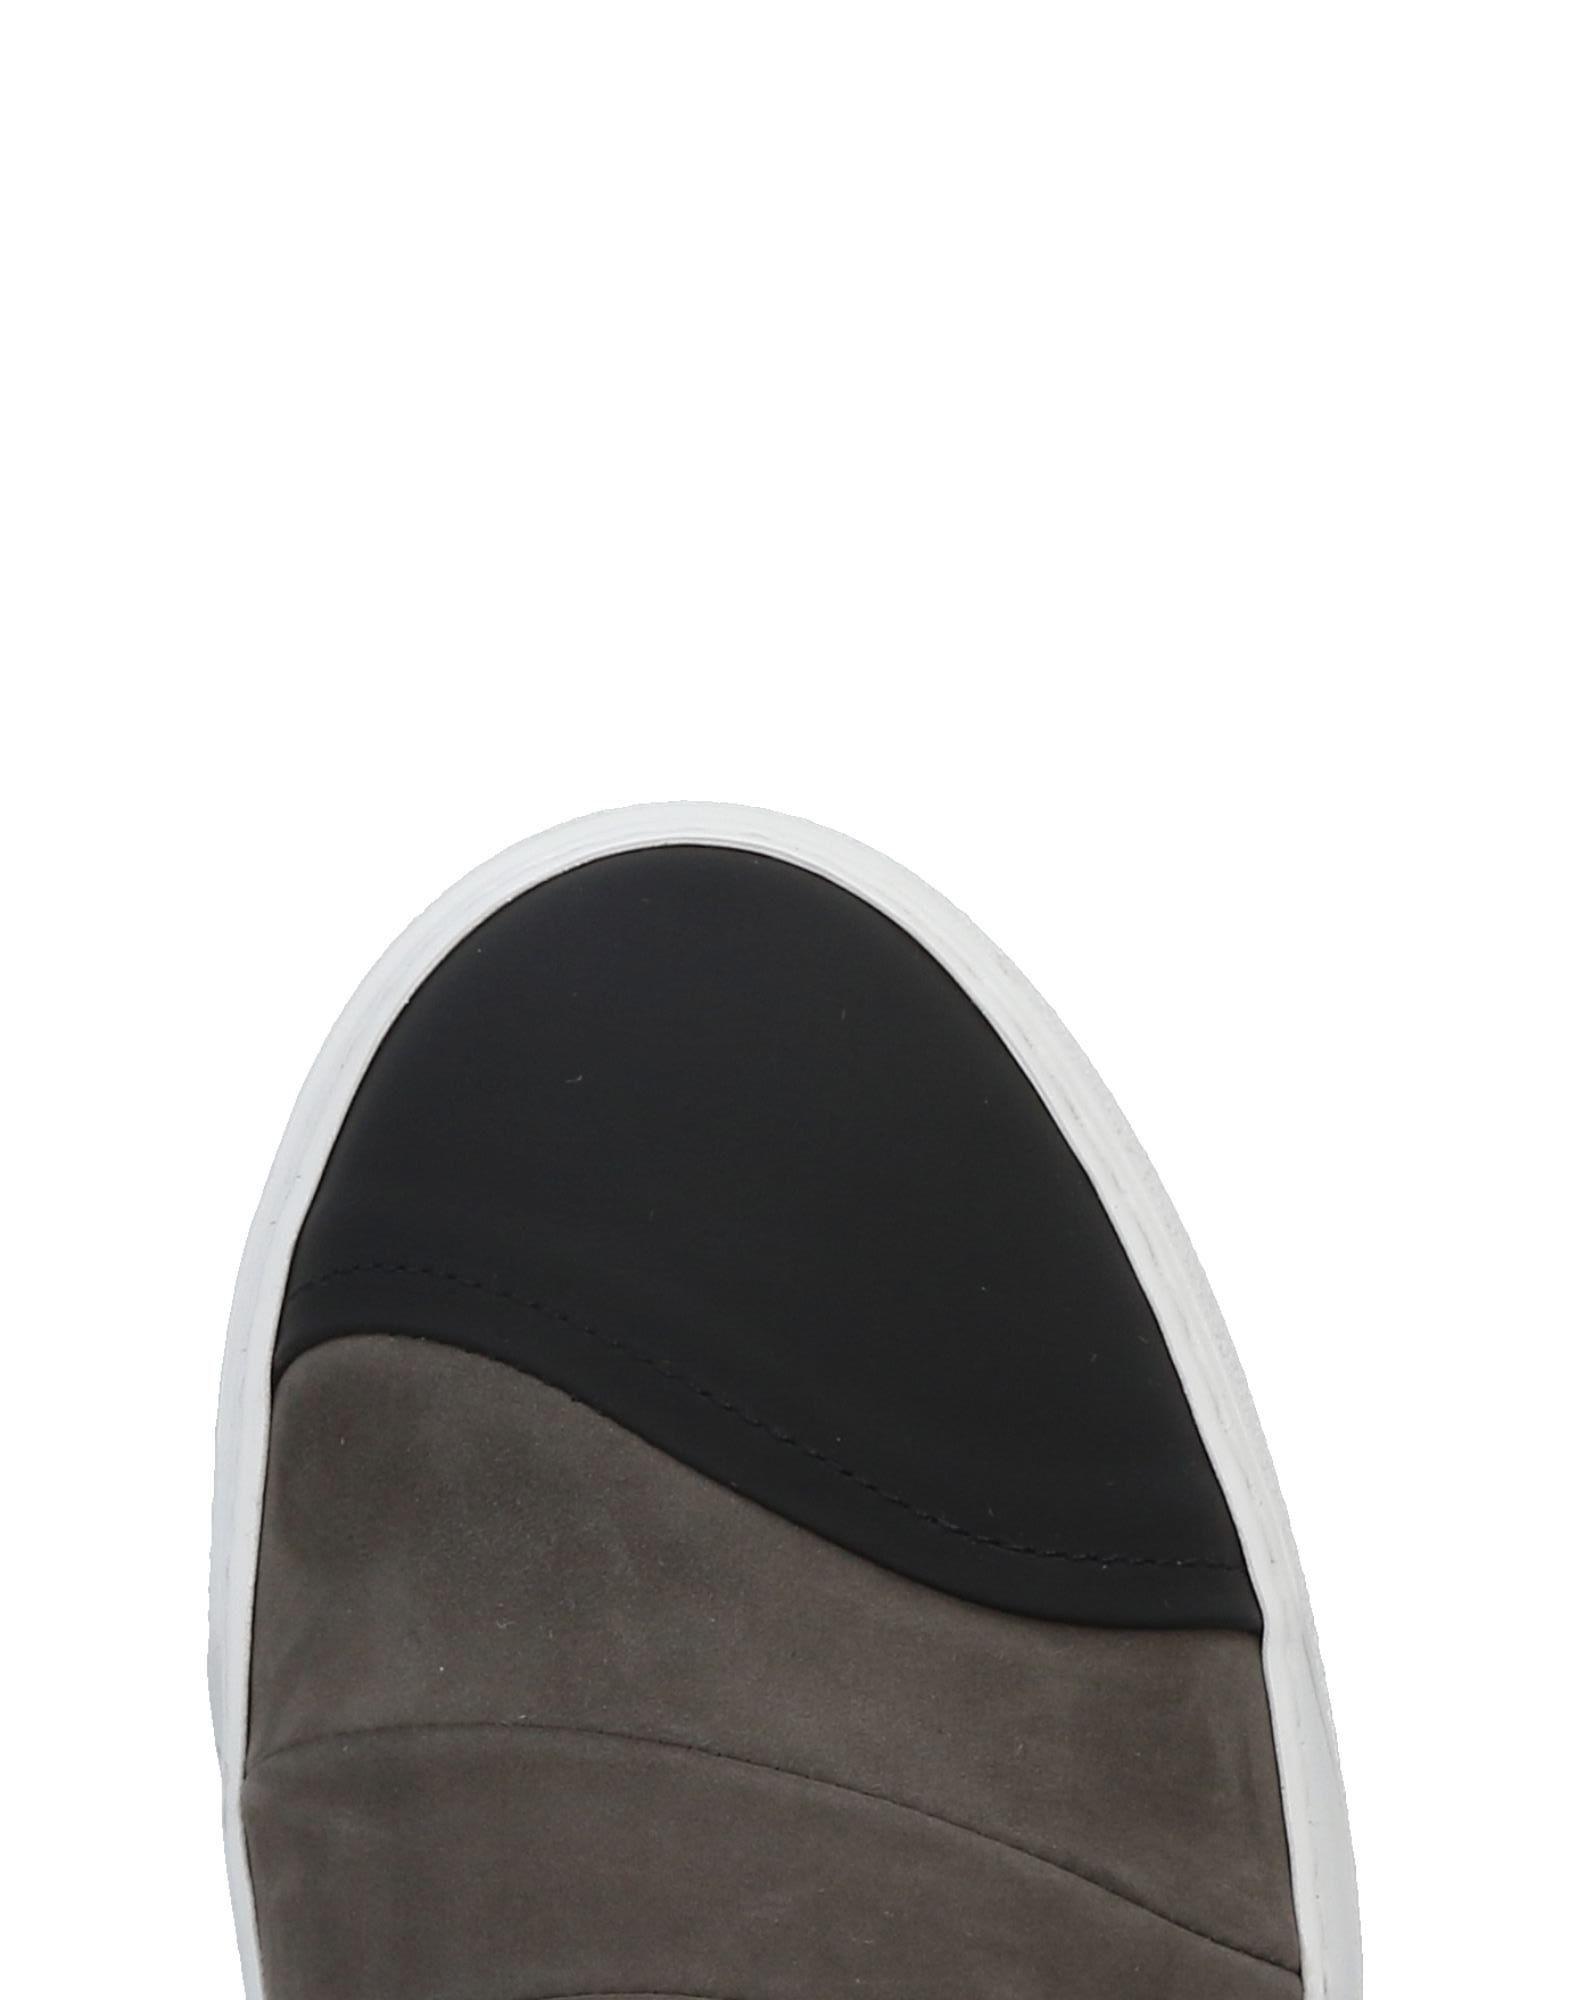 Bordese Bruno Bordese  Sneakers Herren  11427985HA e5b606